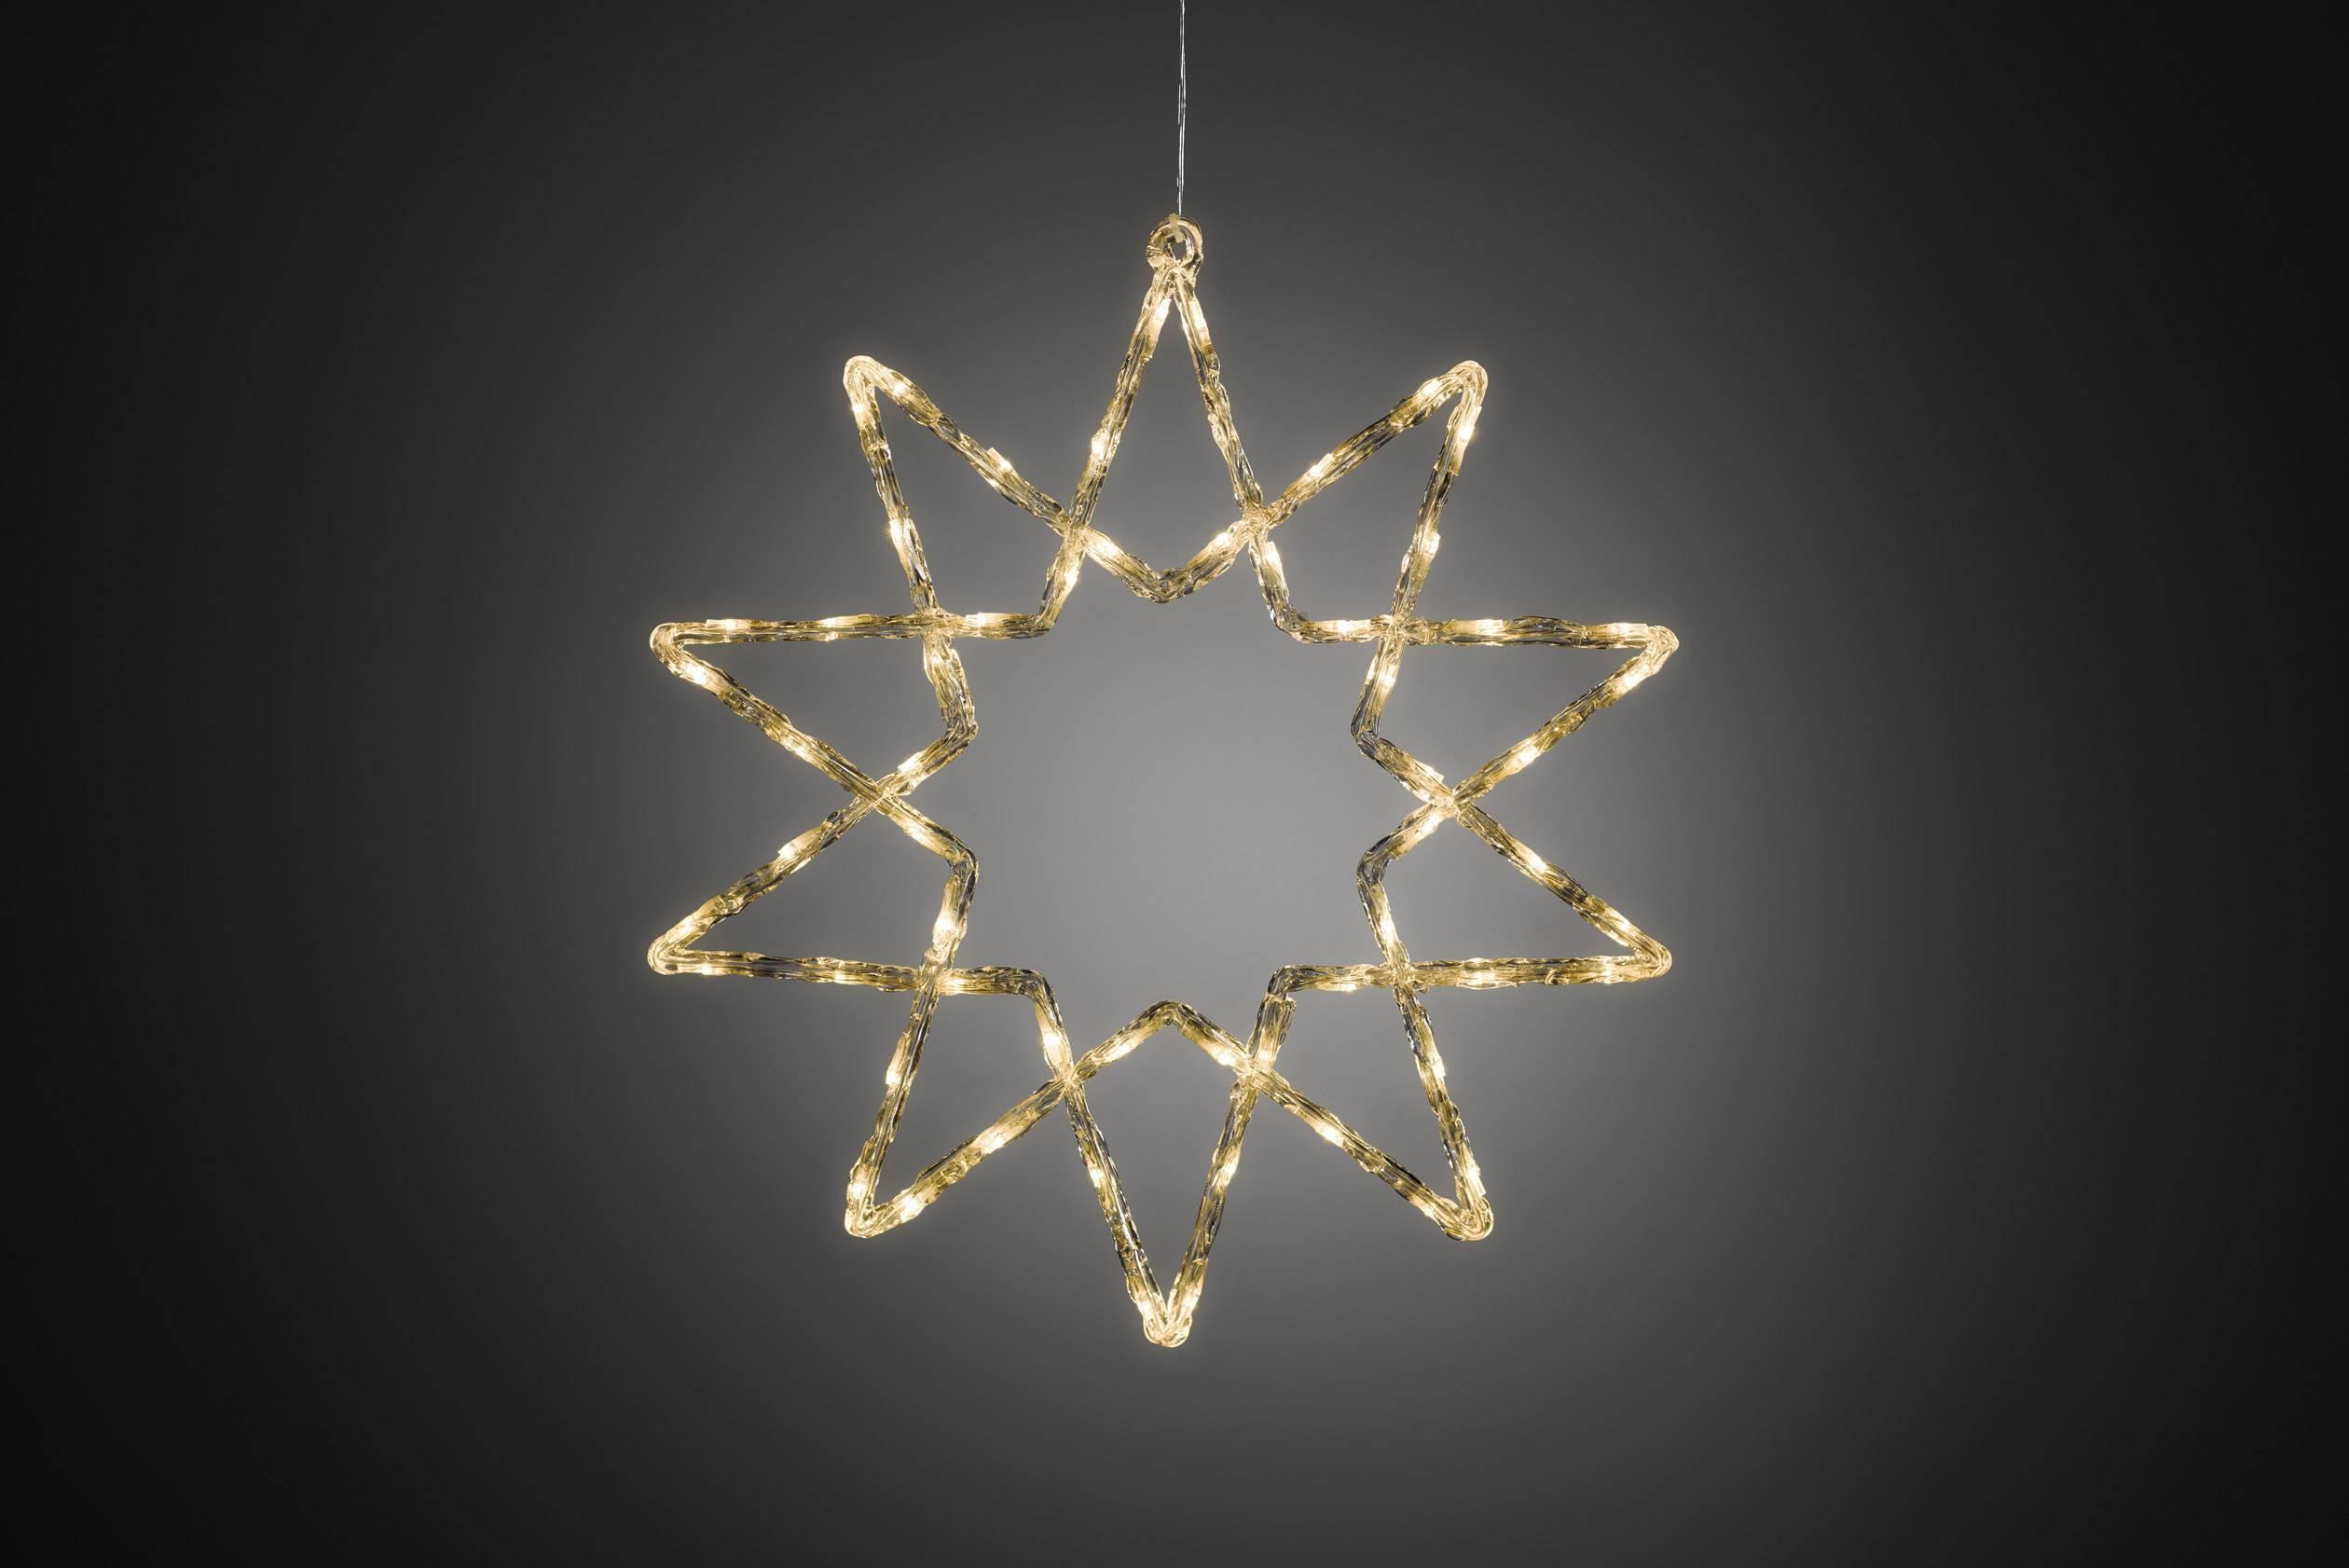 Stella Di Natale Led.Konstsmide 4481 103 Stella Di Natale Led Classe Energetica A A E Stella Bianco Caldo Led Bianco Caldo